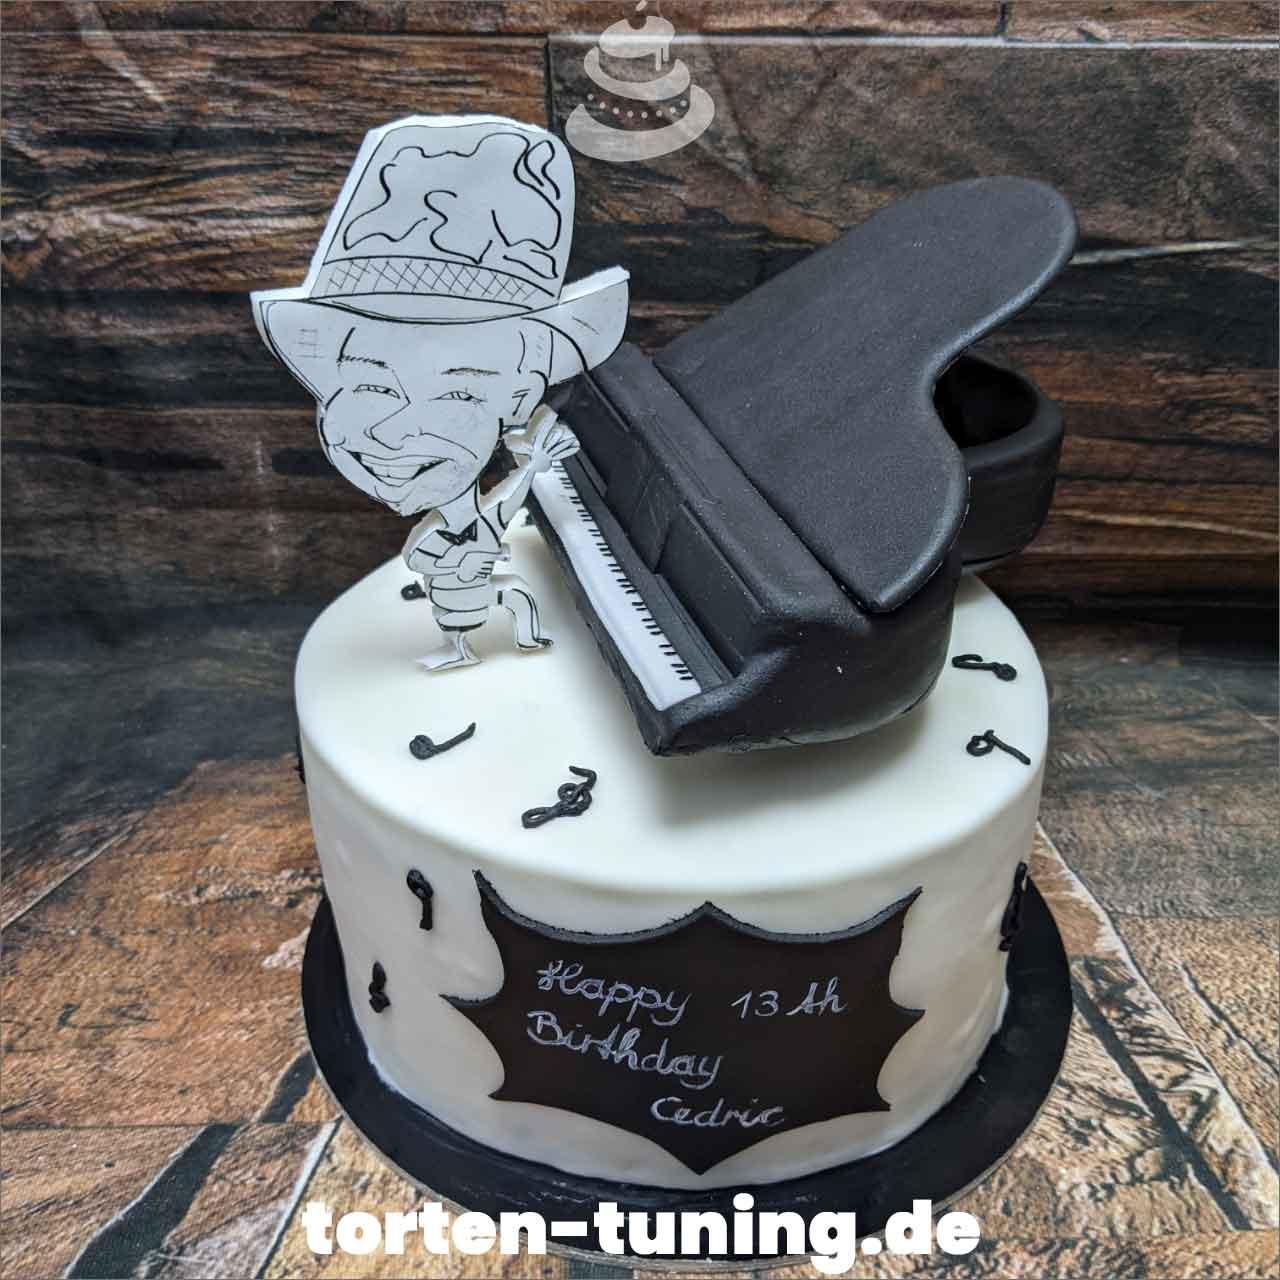 Musik Flügel Klavier Dripcake Obsttorte Geburtstagstorte Motivtorte Torte Tortendekoration Torte online bestellen Suhl Thüringen Torten Tuning Sahnetorte Tortenfiguren Cake Topper (2)